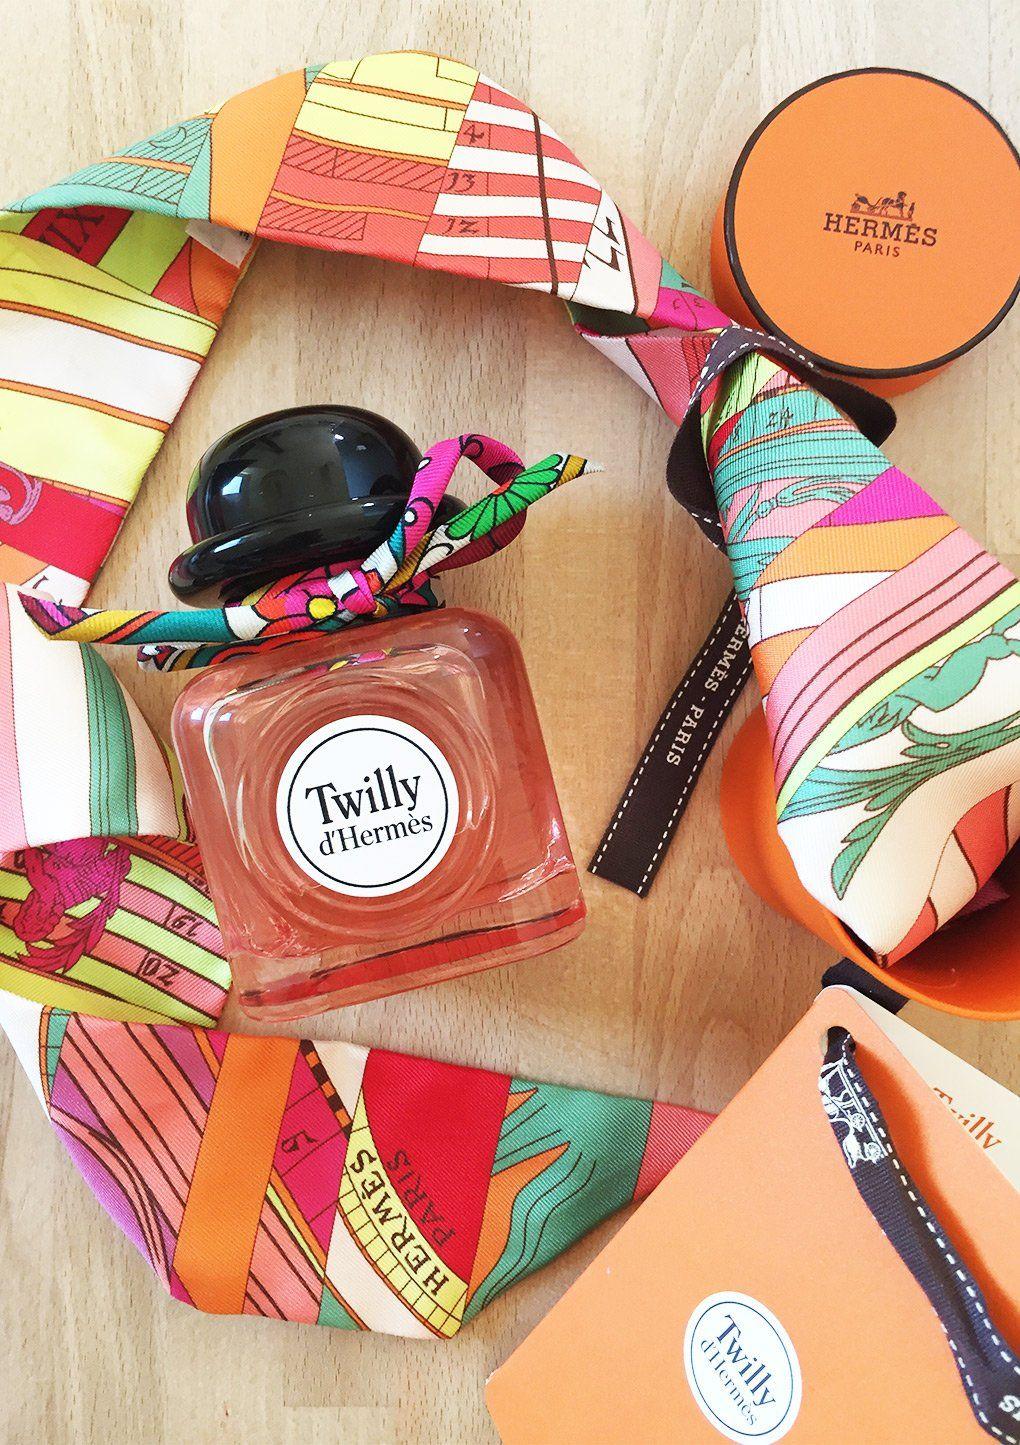 Wir Entdecken Den Neuen Hermès Duft Twilly Gleich In Paris H